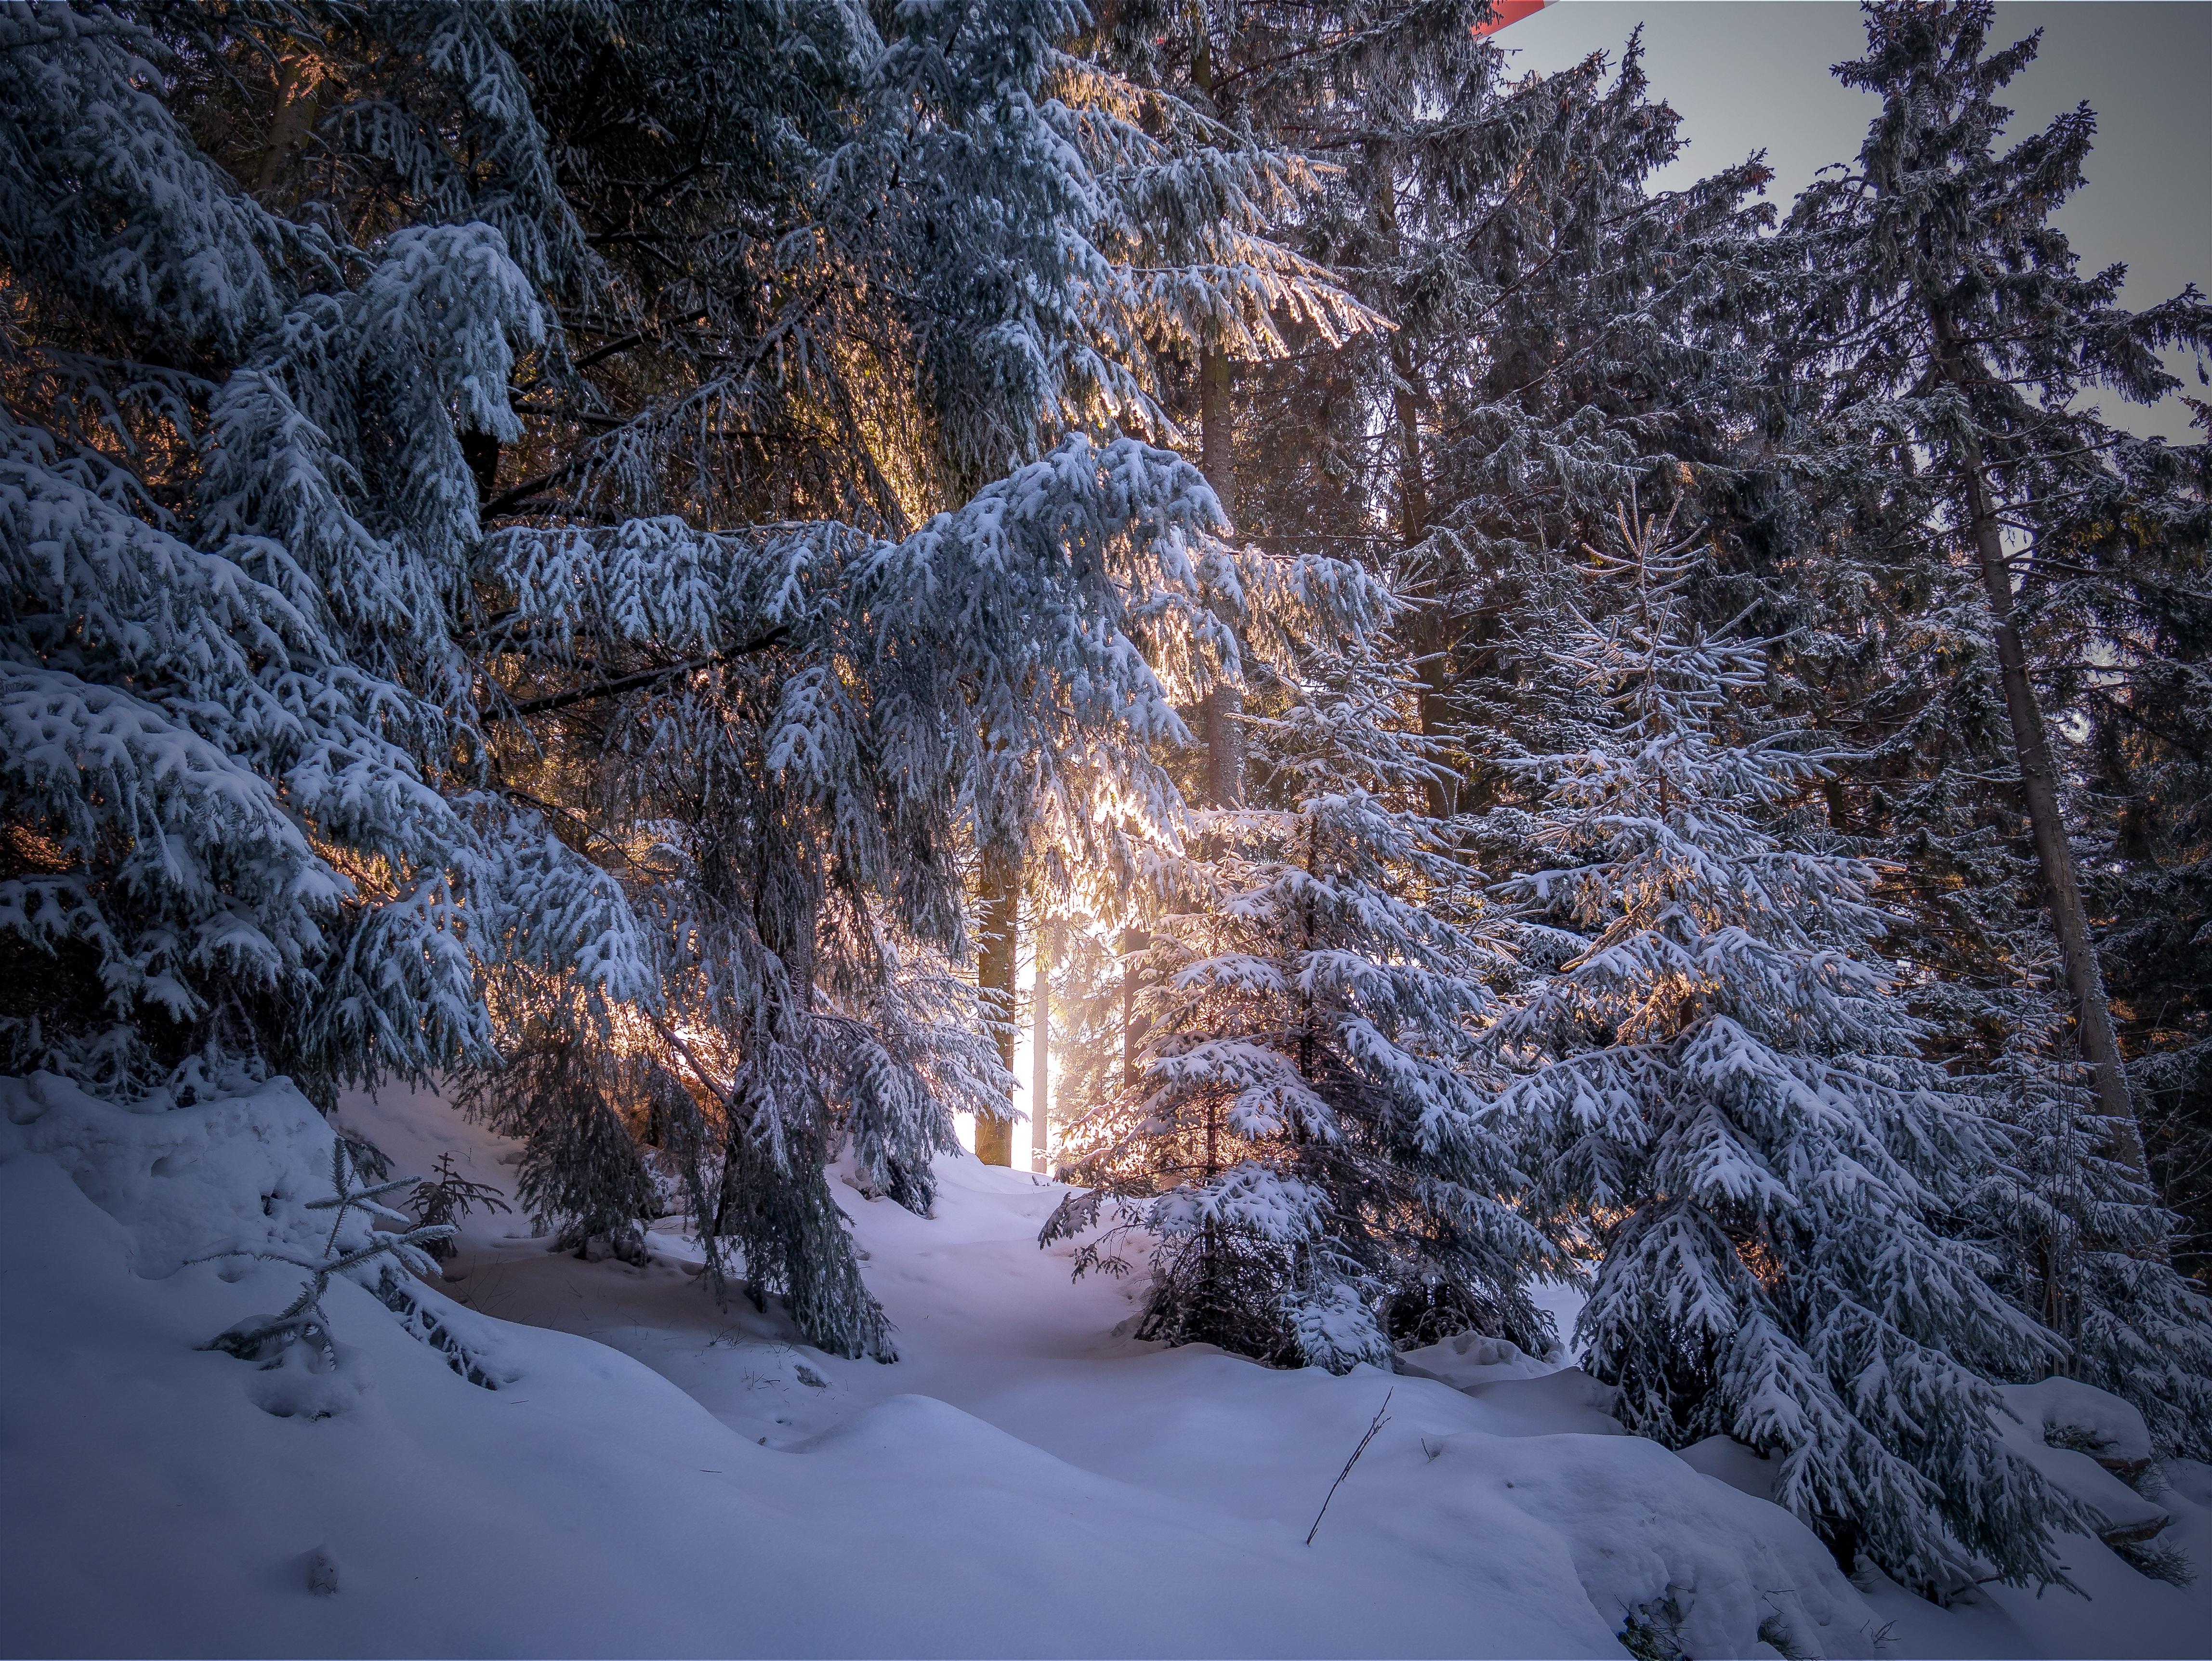 77265 скачать обои Зима, Природа, Деревья, Снег, Лес, Хвойный - заставки и картинки бесплатно